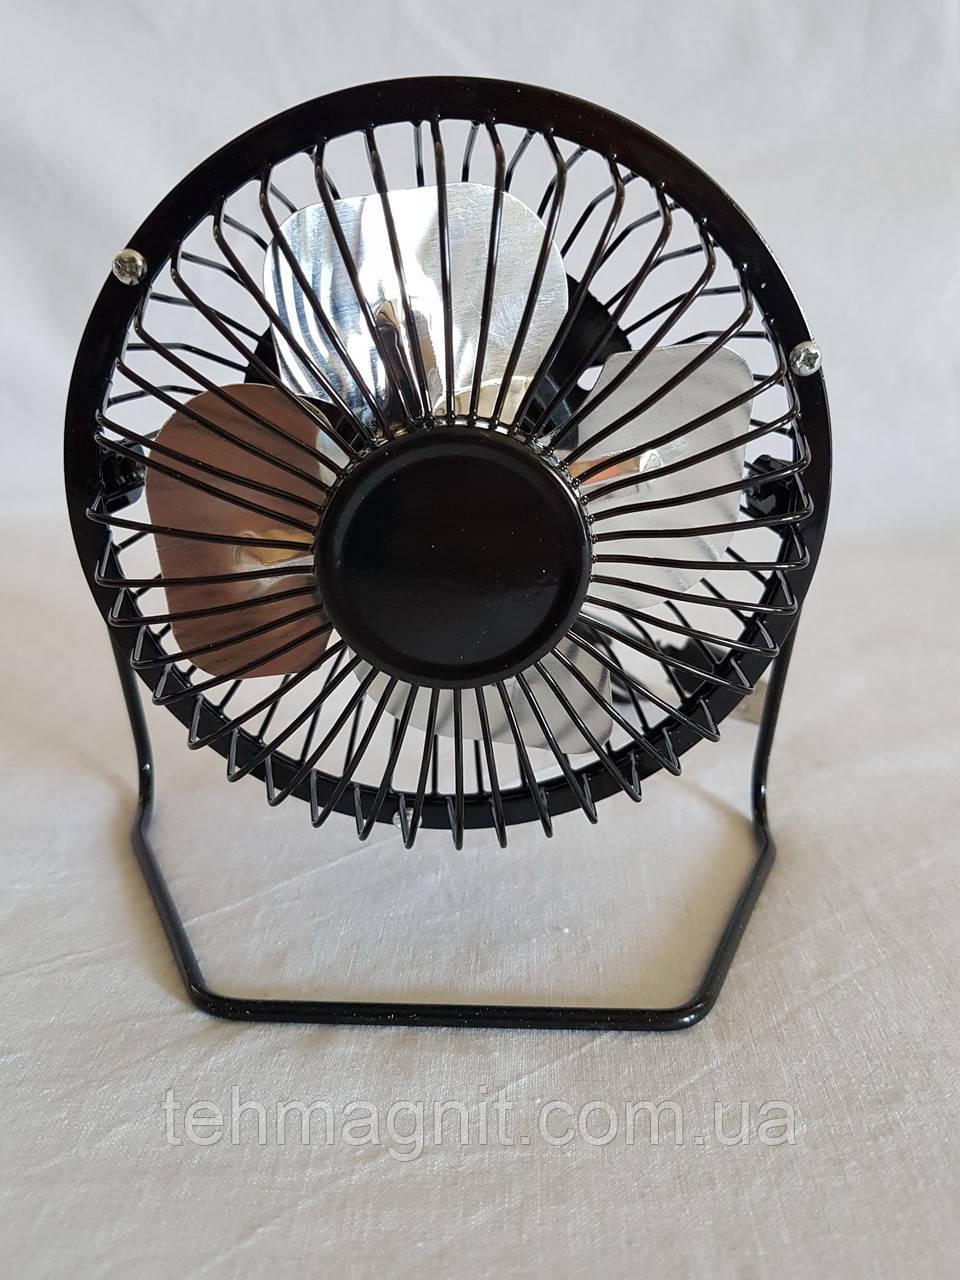 USB мини-вентилятор usb mini fans FX ( Копия )